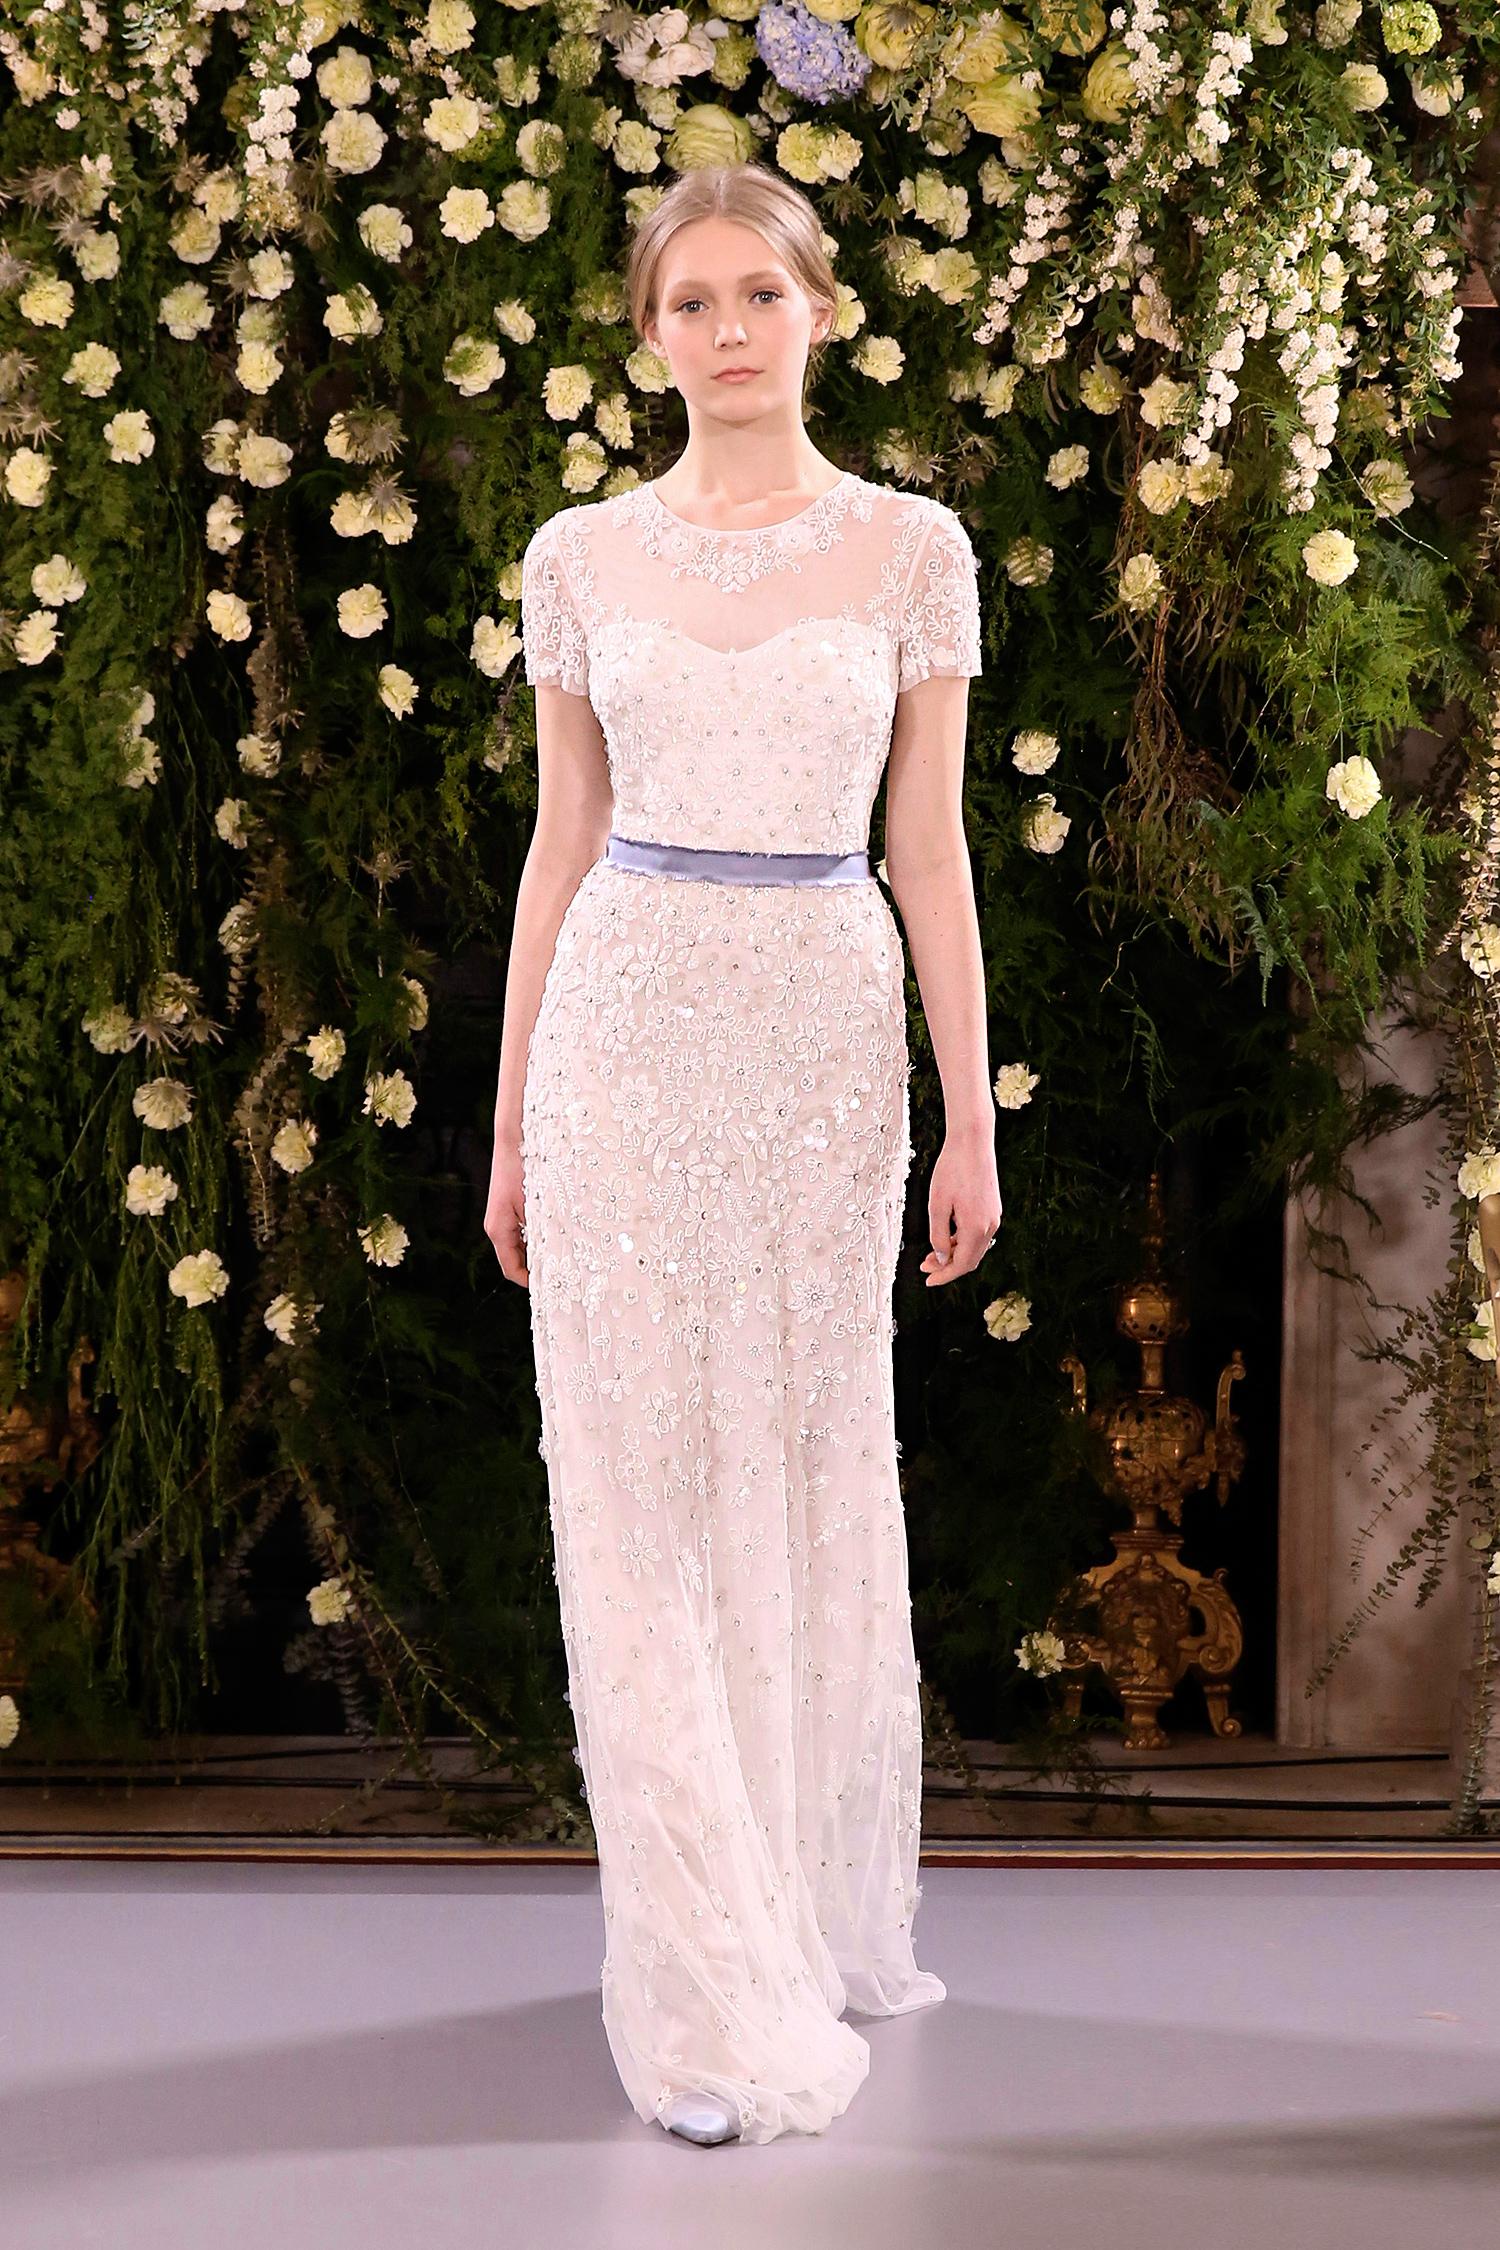 jenny packham wedding dress spring 2019 short-sleeve belted sheath